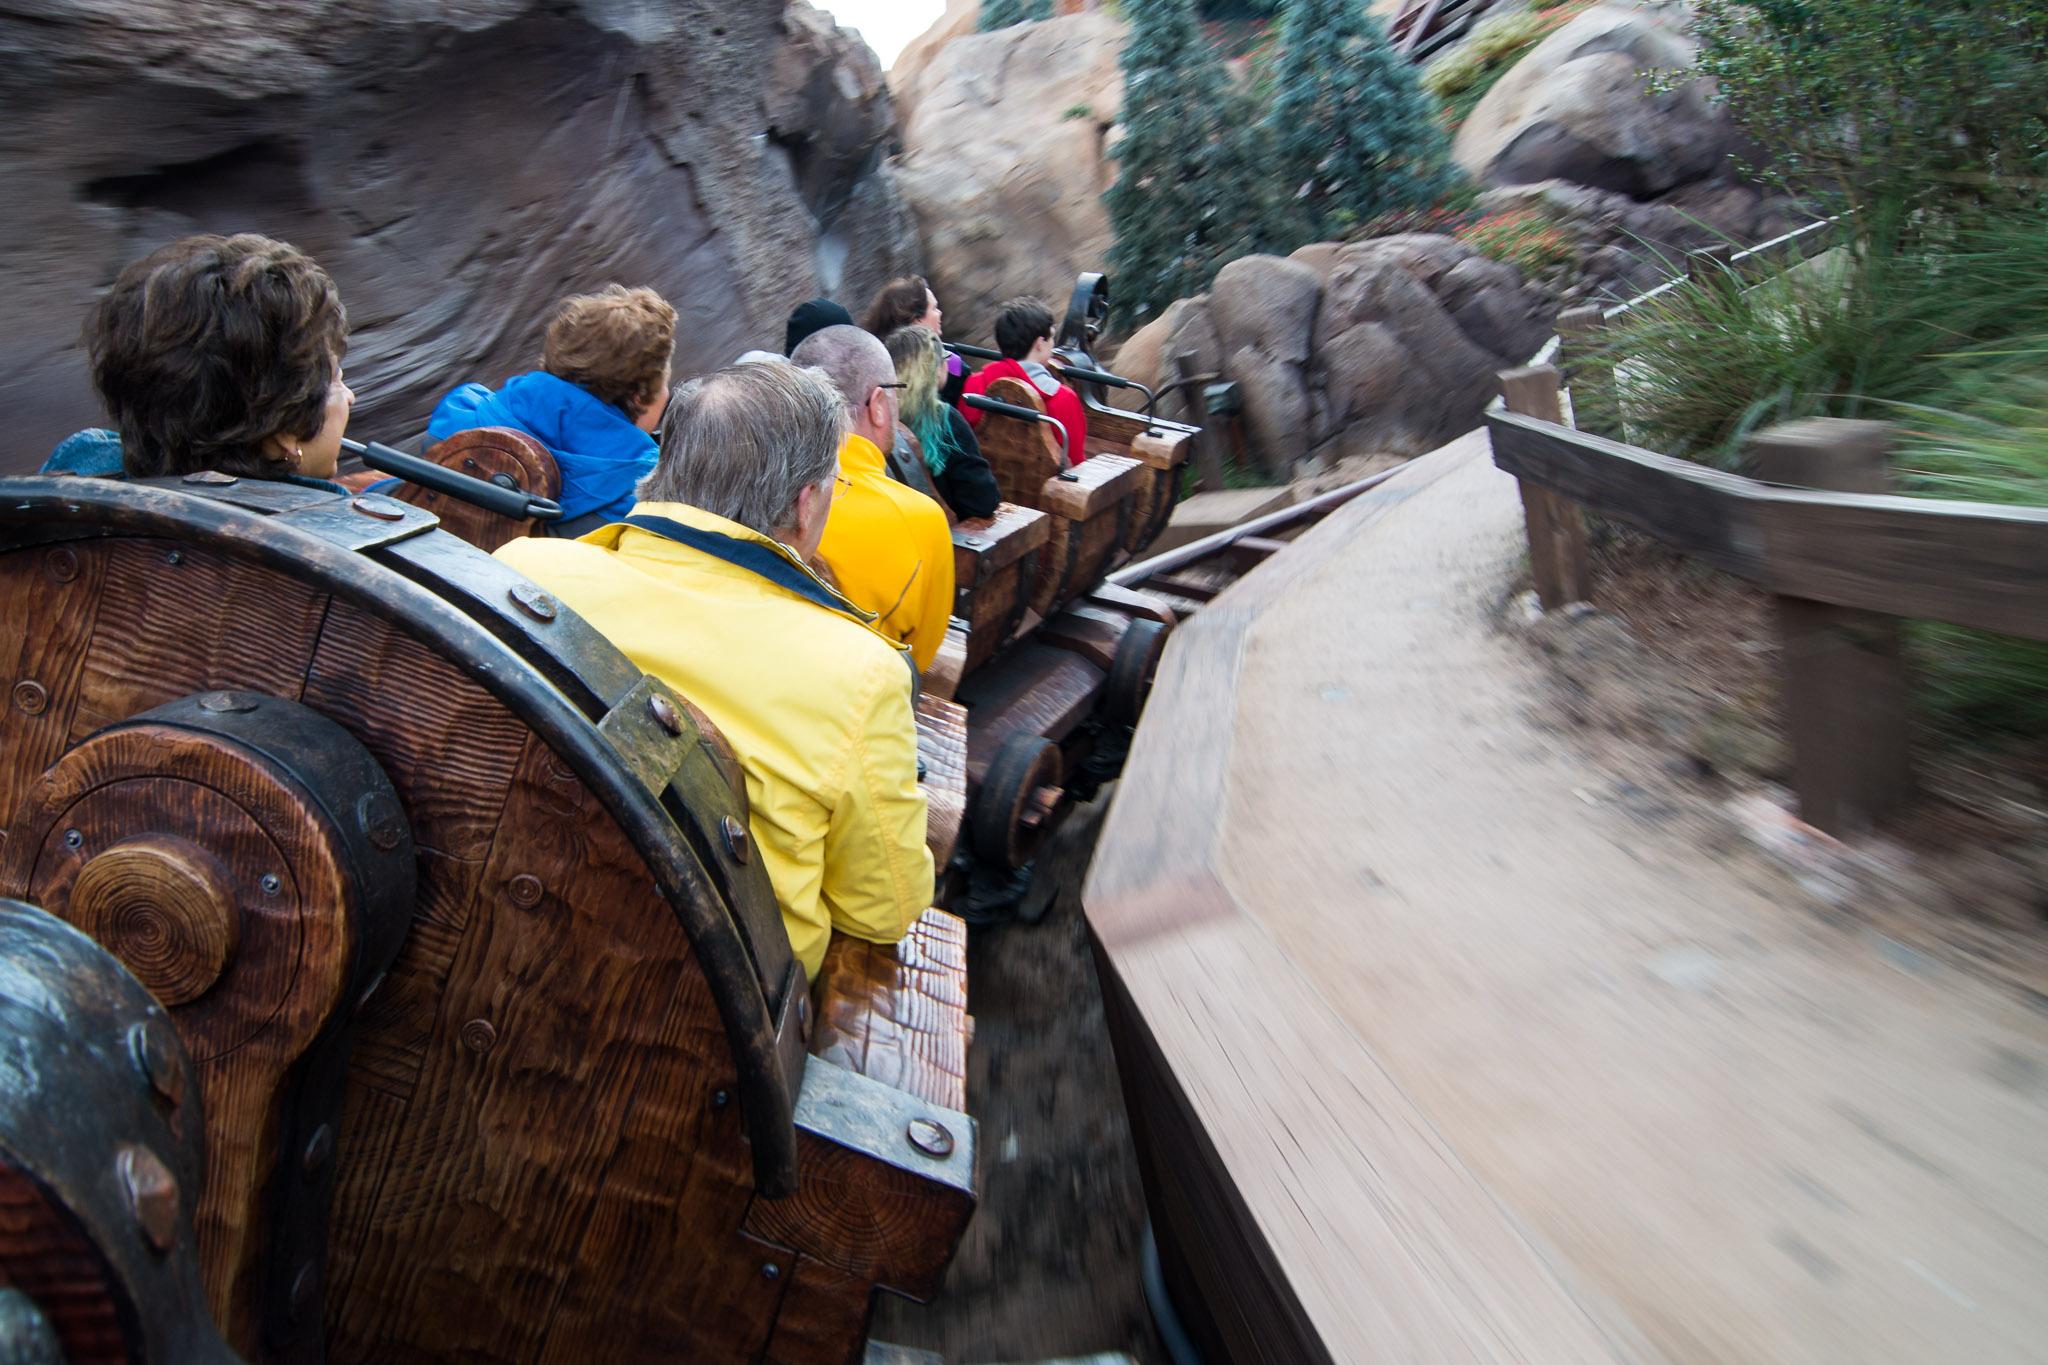 Seven Dwarfs Mine Train - Walt Disney World Magic Kingdom